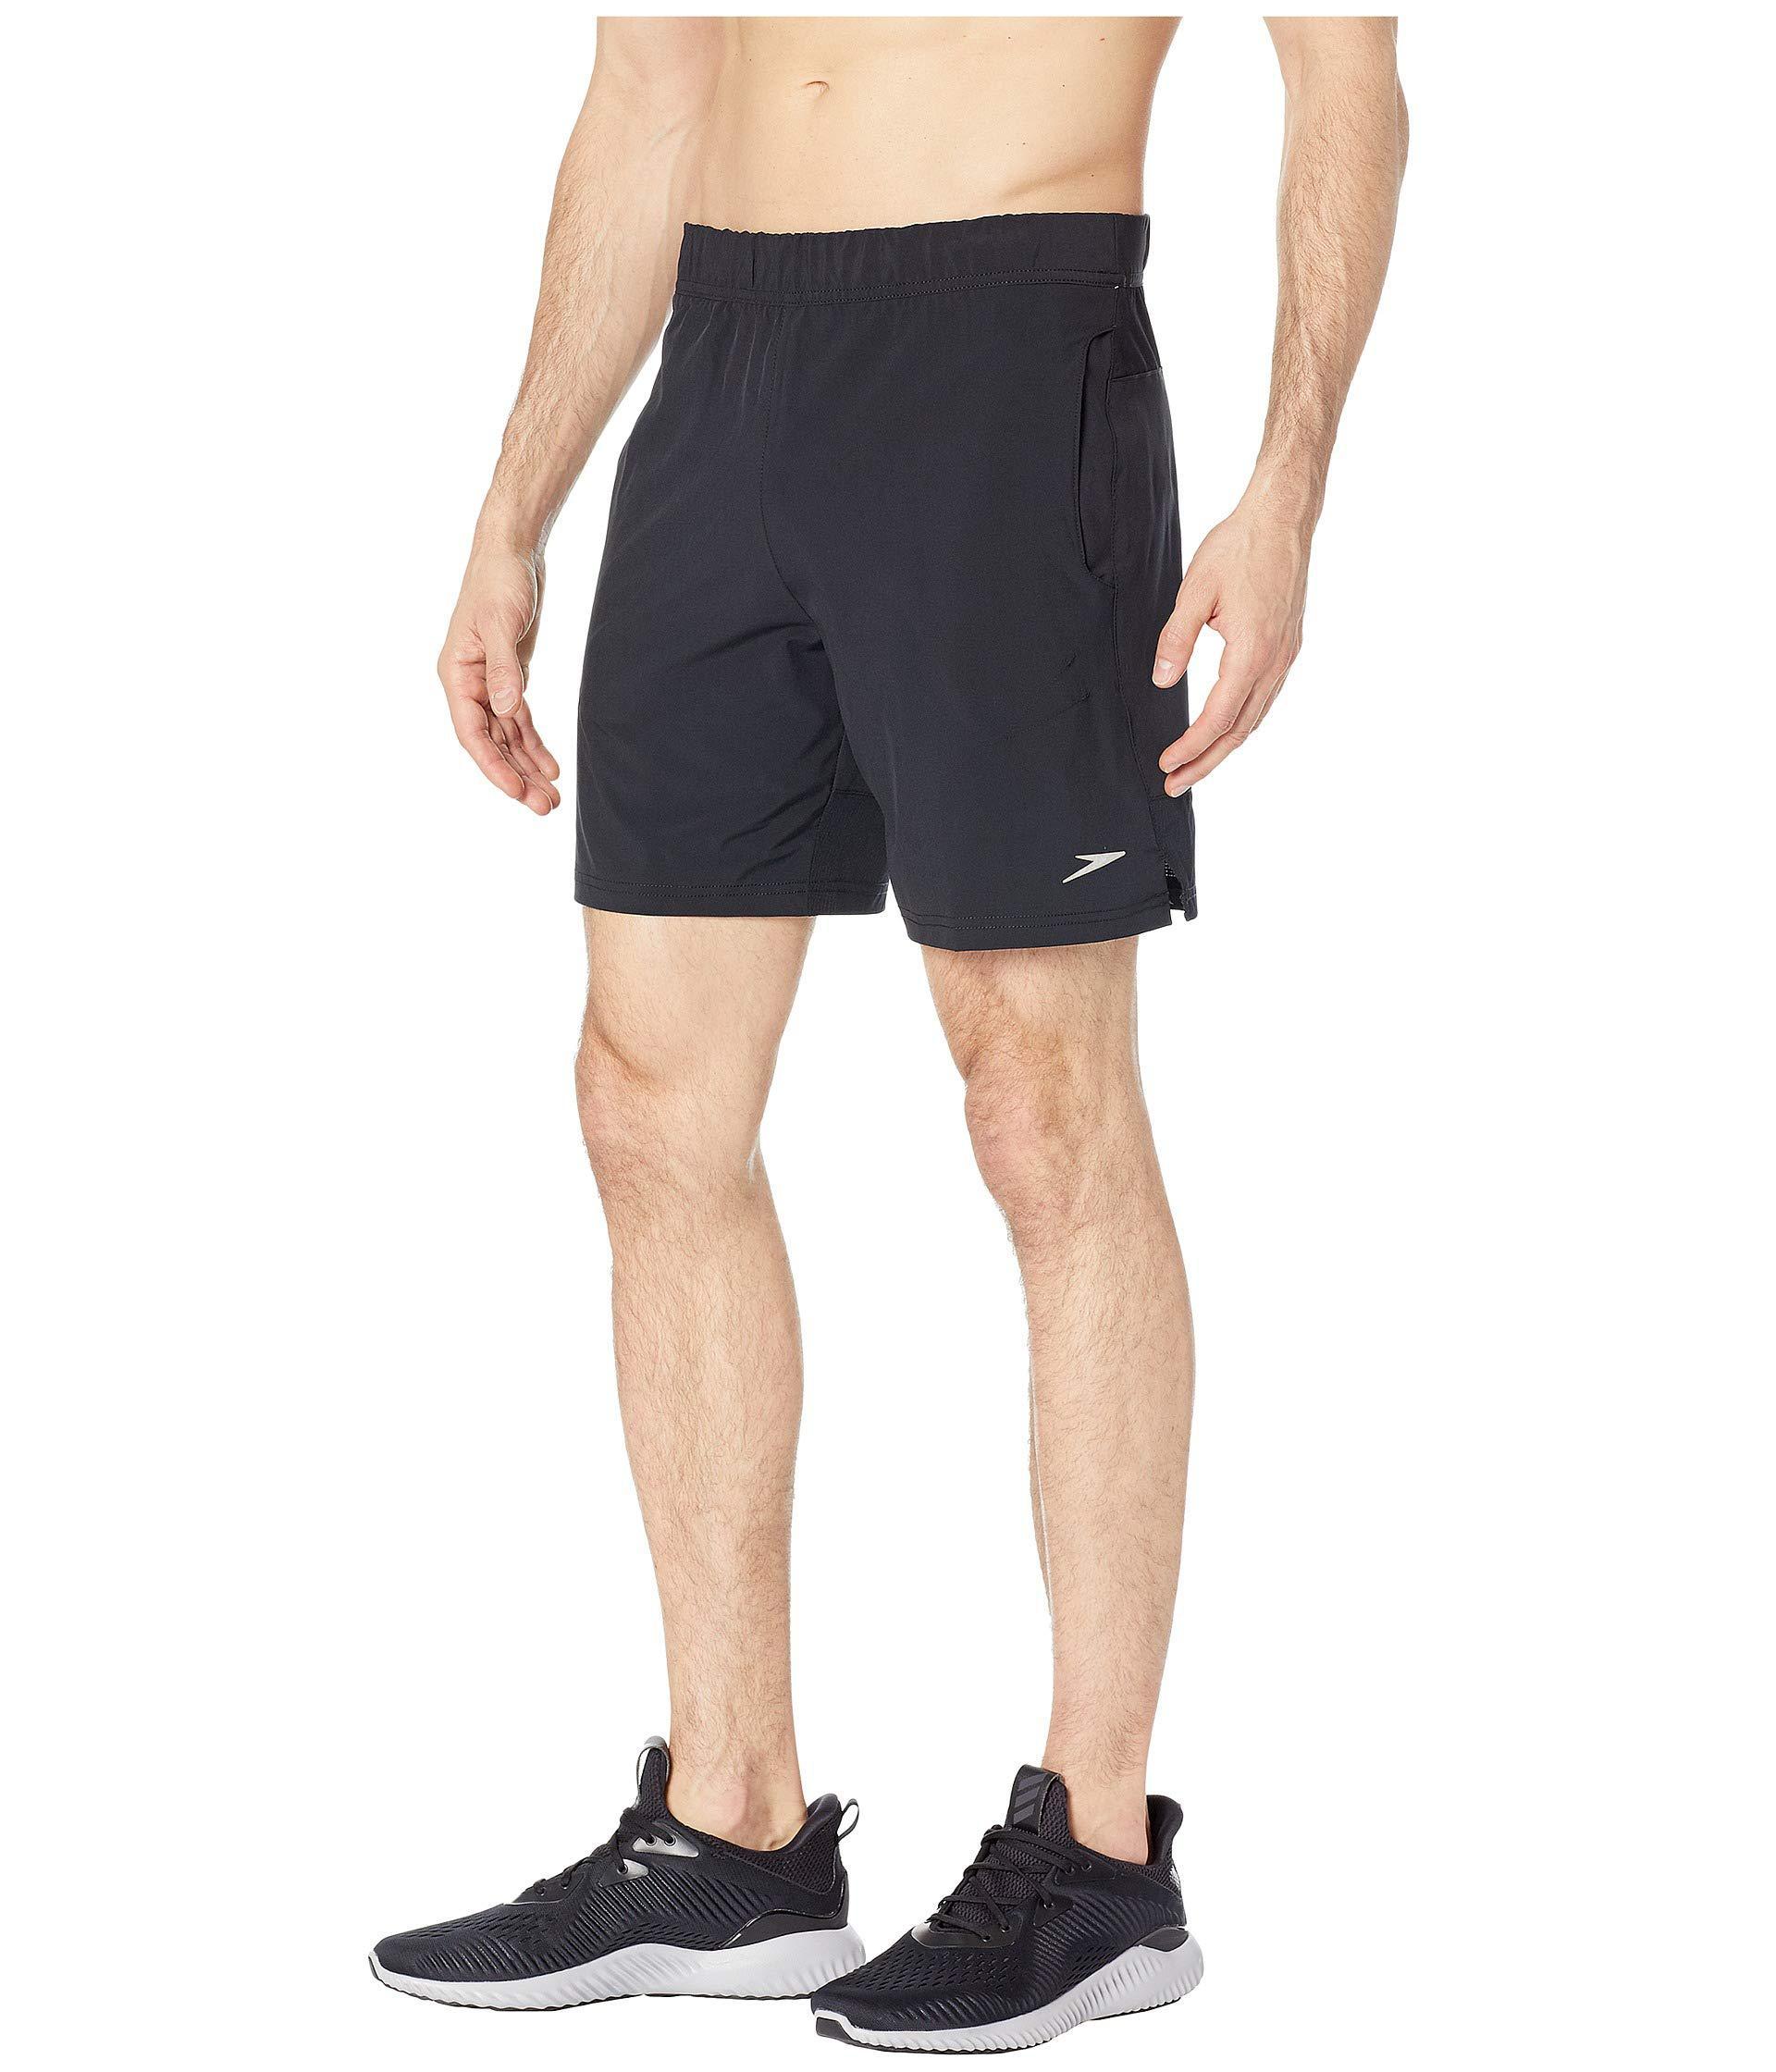 27a3a66ffe Lyst - Speedo 7.5/18 Tech Shorts ( Black) Men's Swimwear in Black for Men